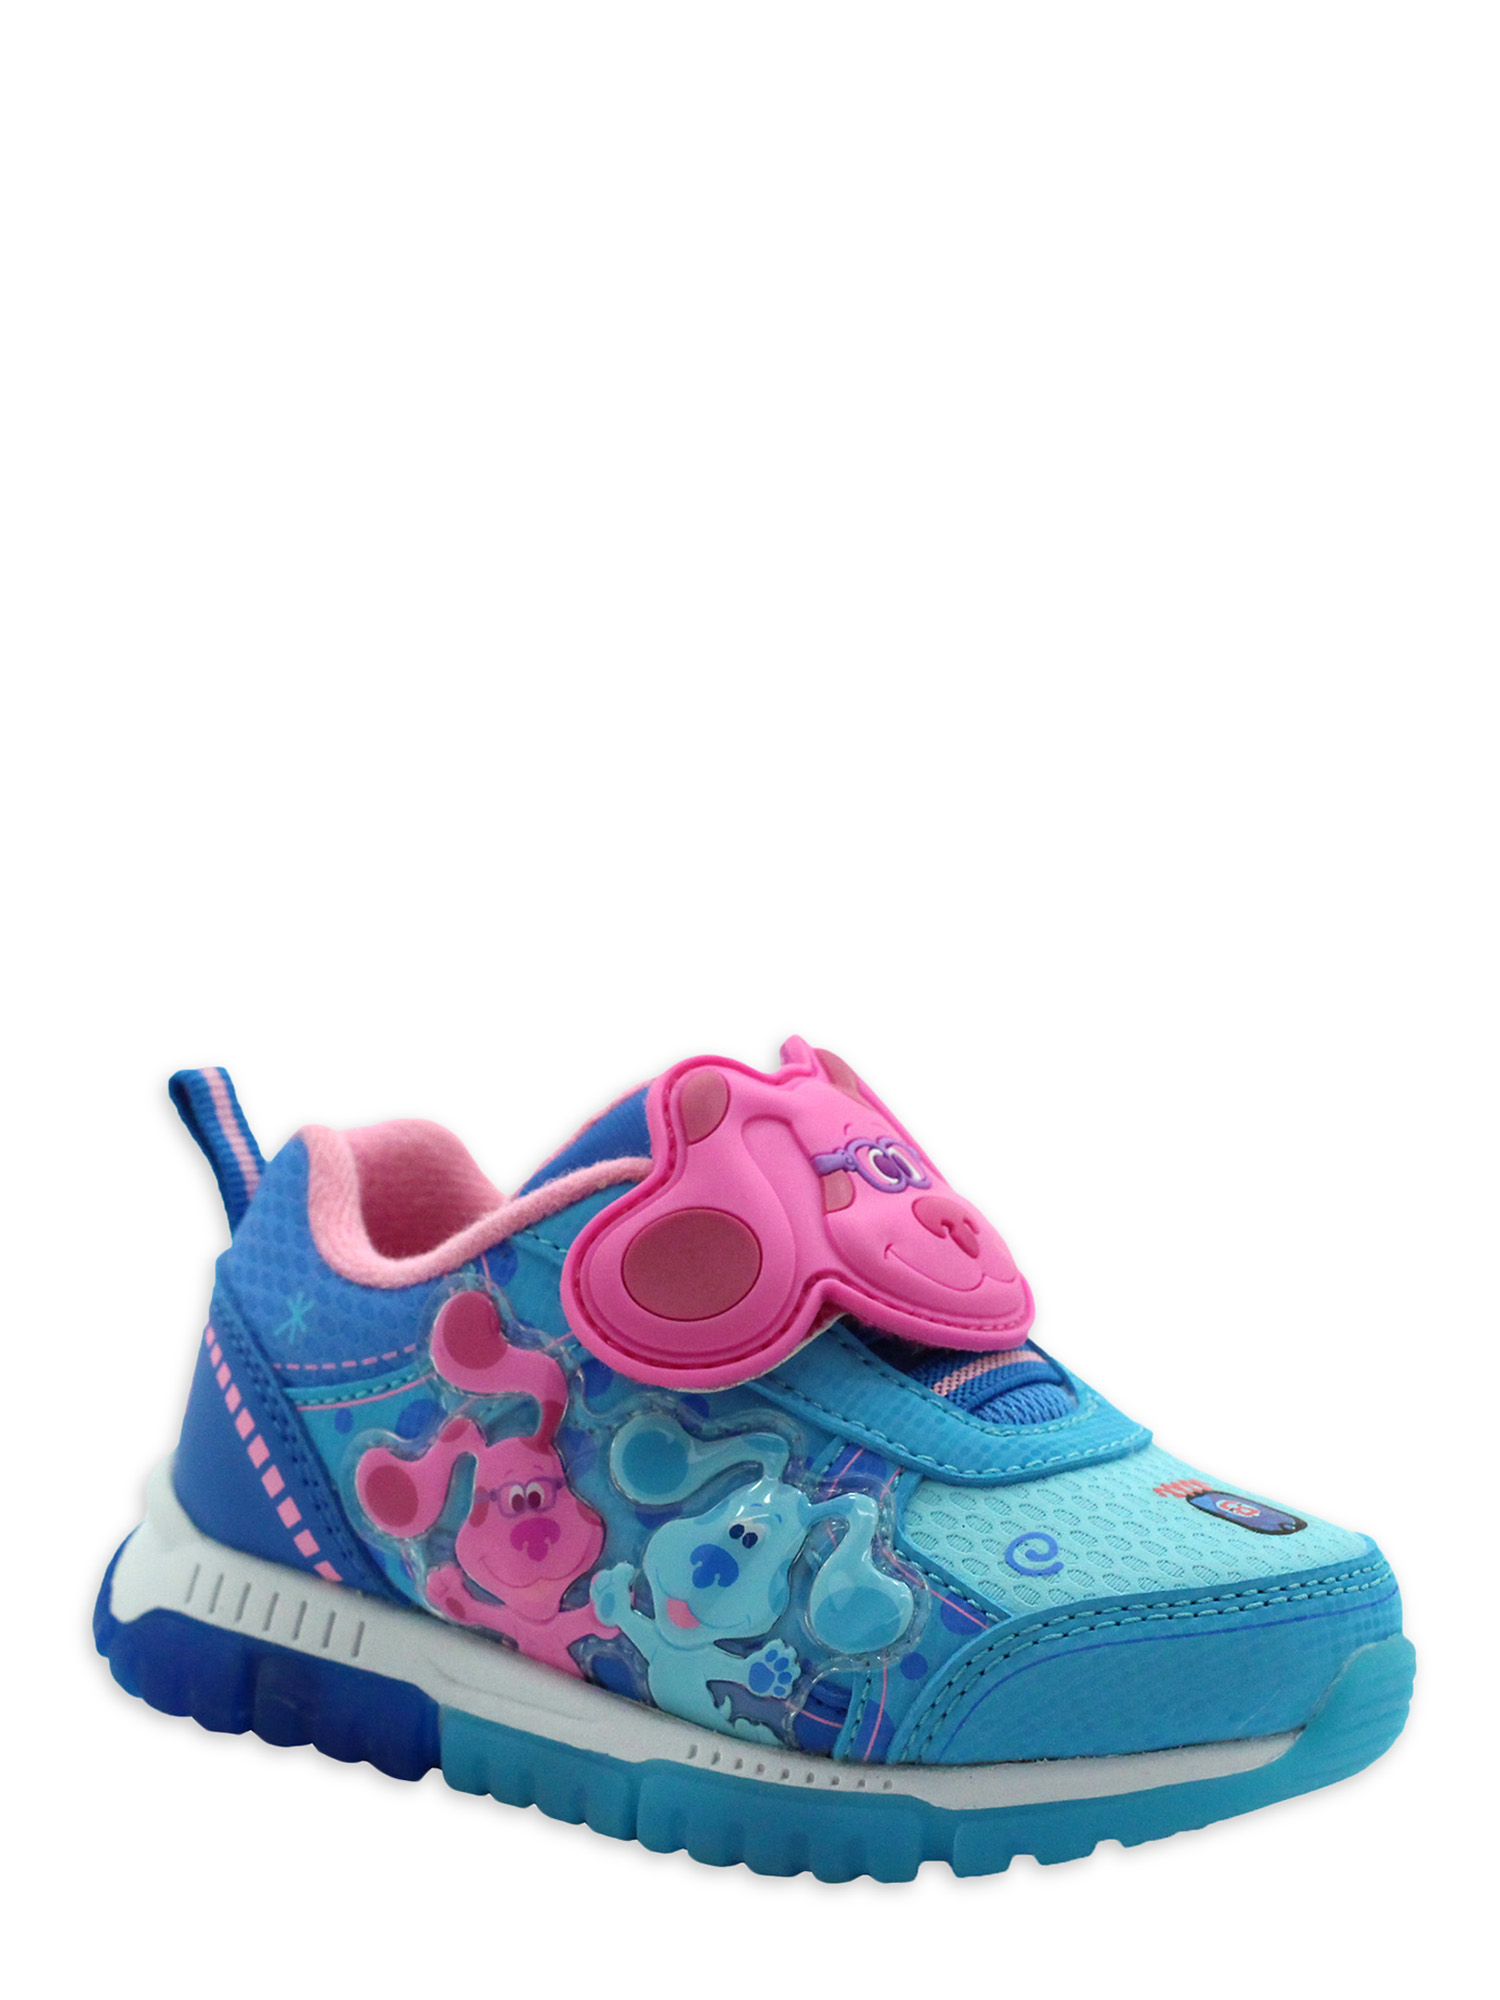 Blues Clues Shoes : blues, clues, shoes, Blue's, Clues, Shoes, Walmart.com